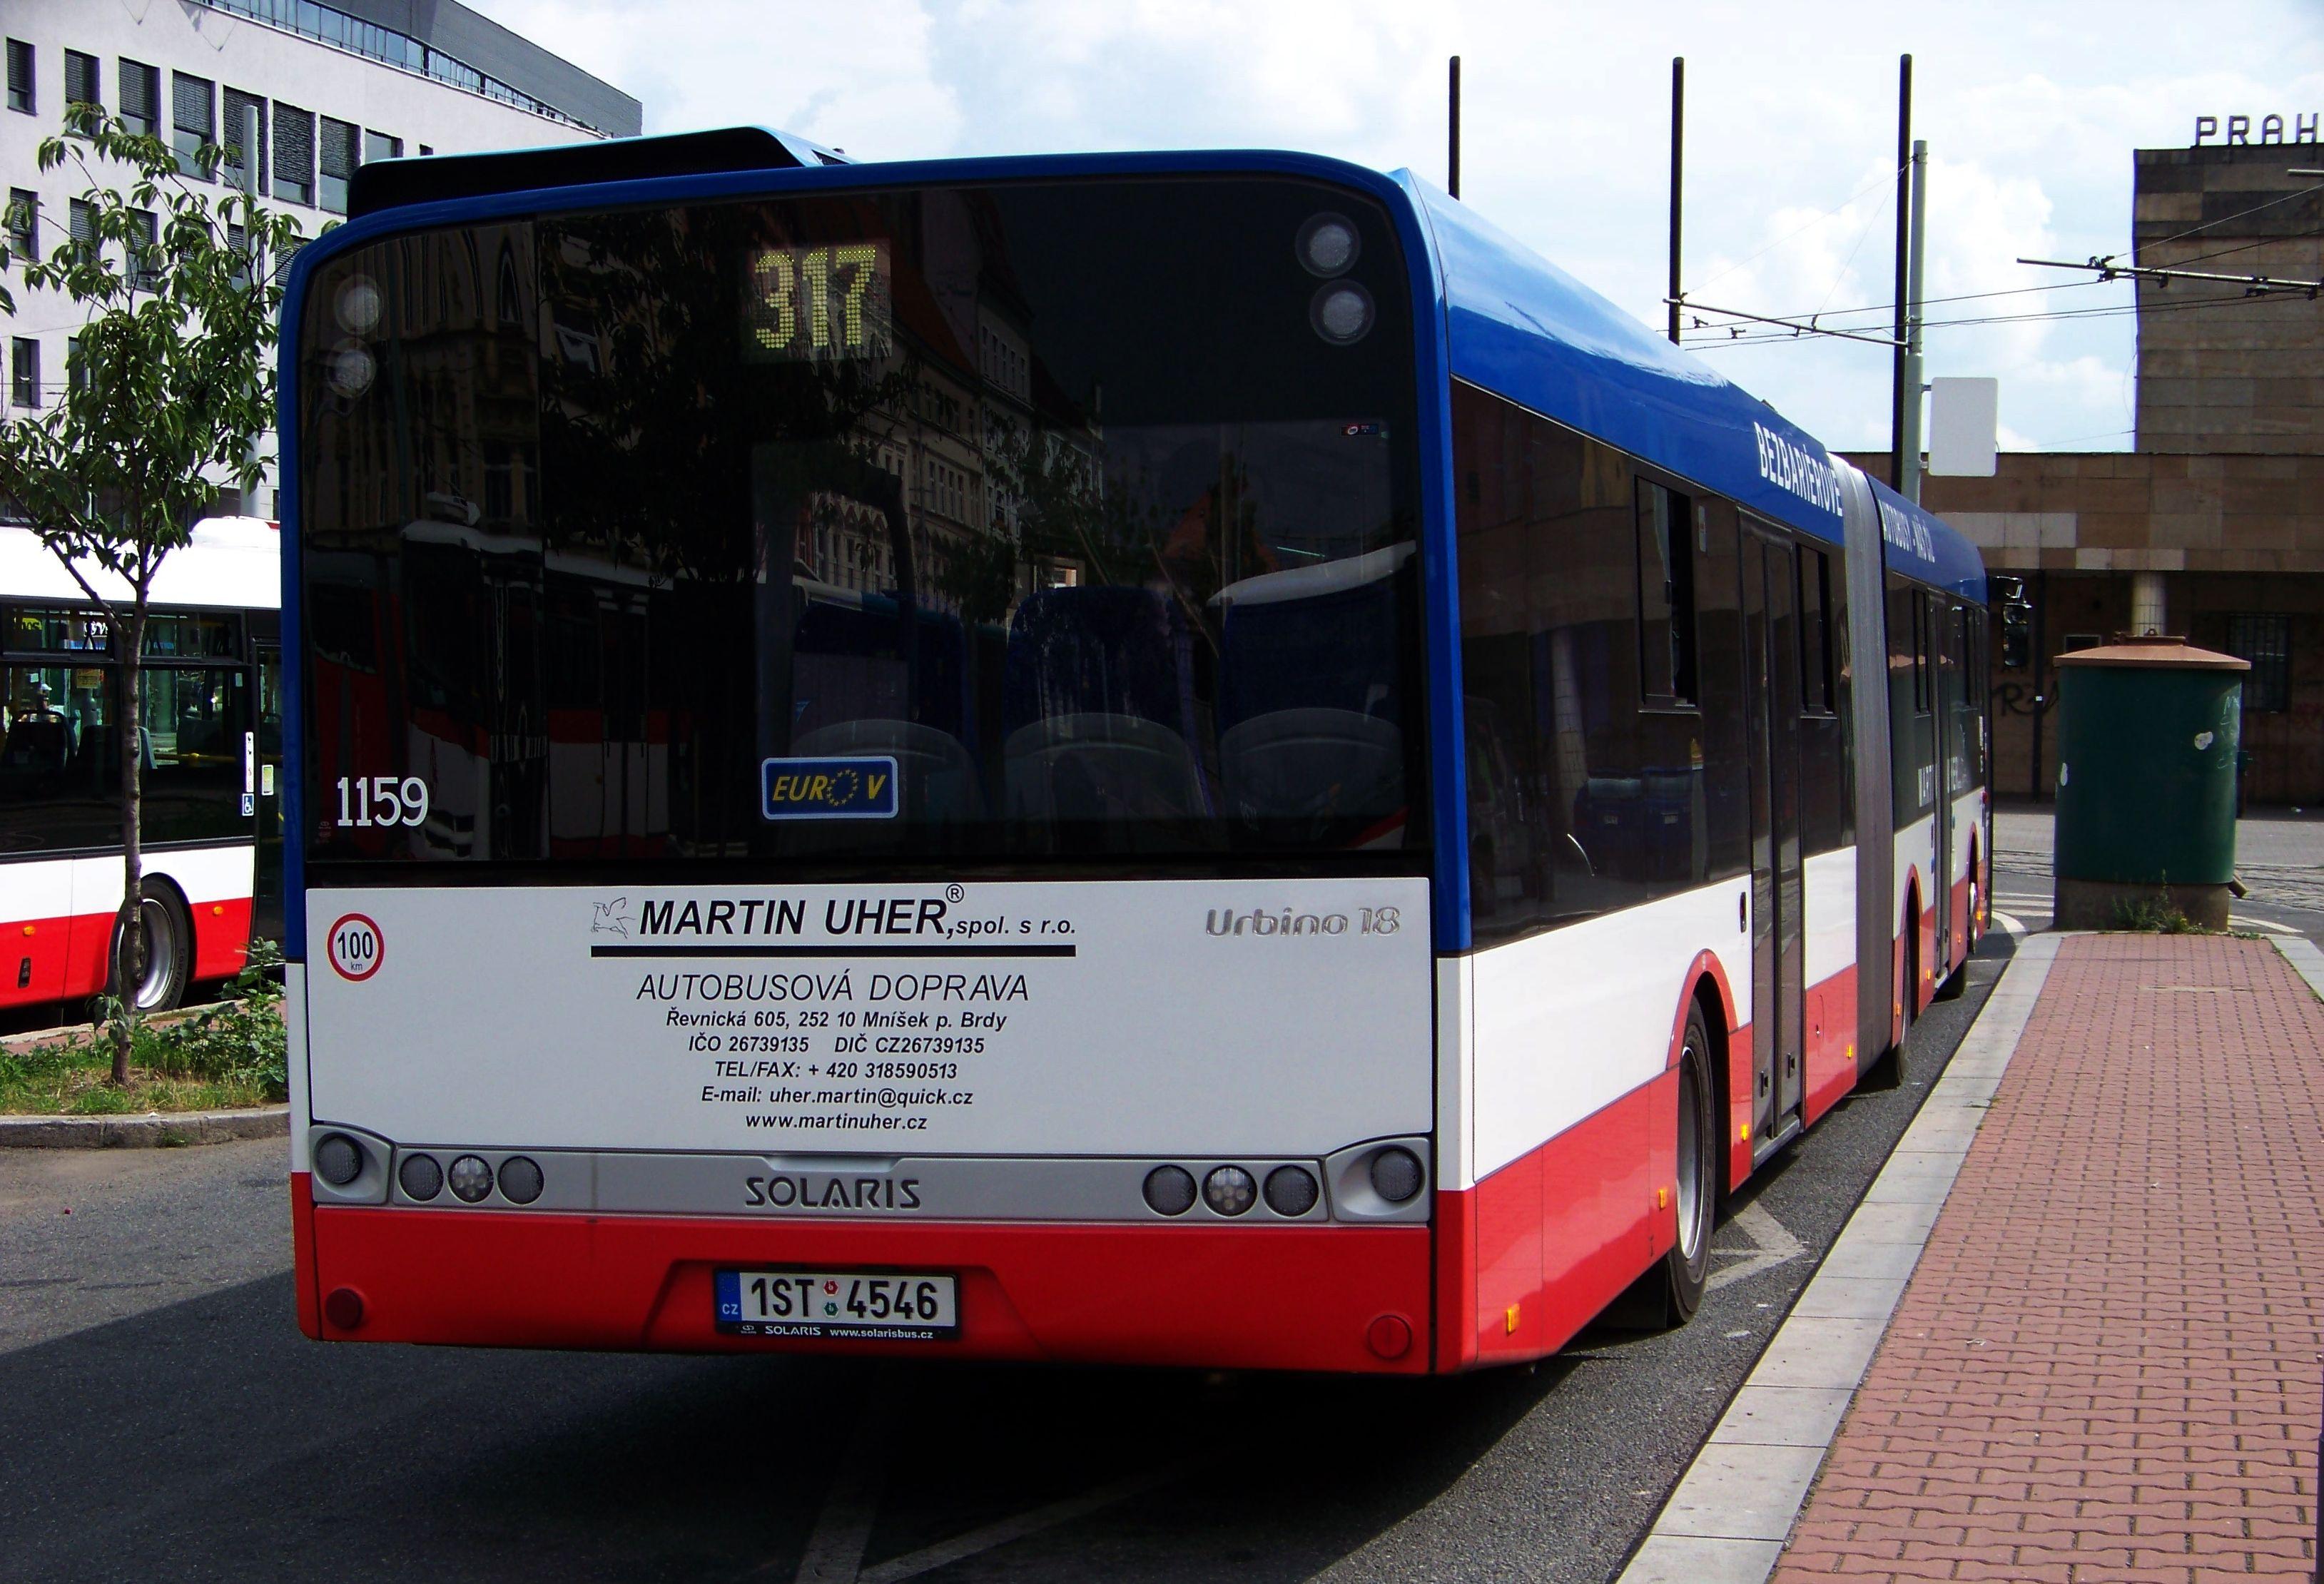 File:Smíchovské nádraží, Solaris Urbino 18, Martin Uher, 1159, zezadu.